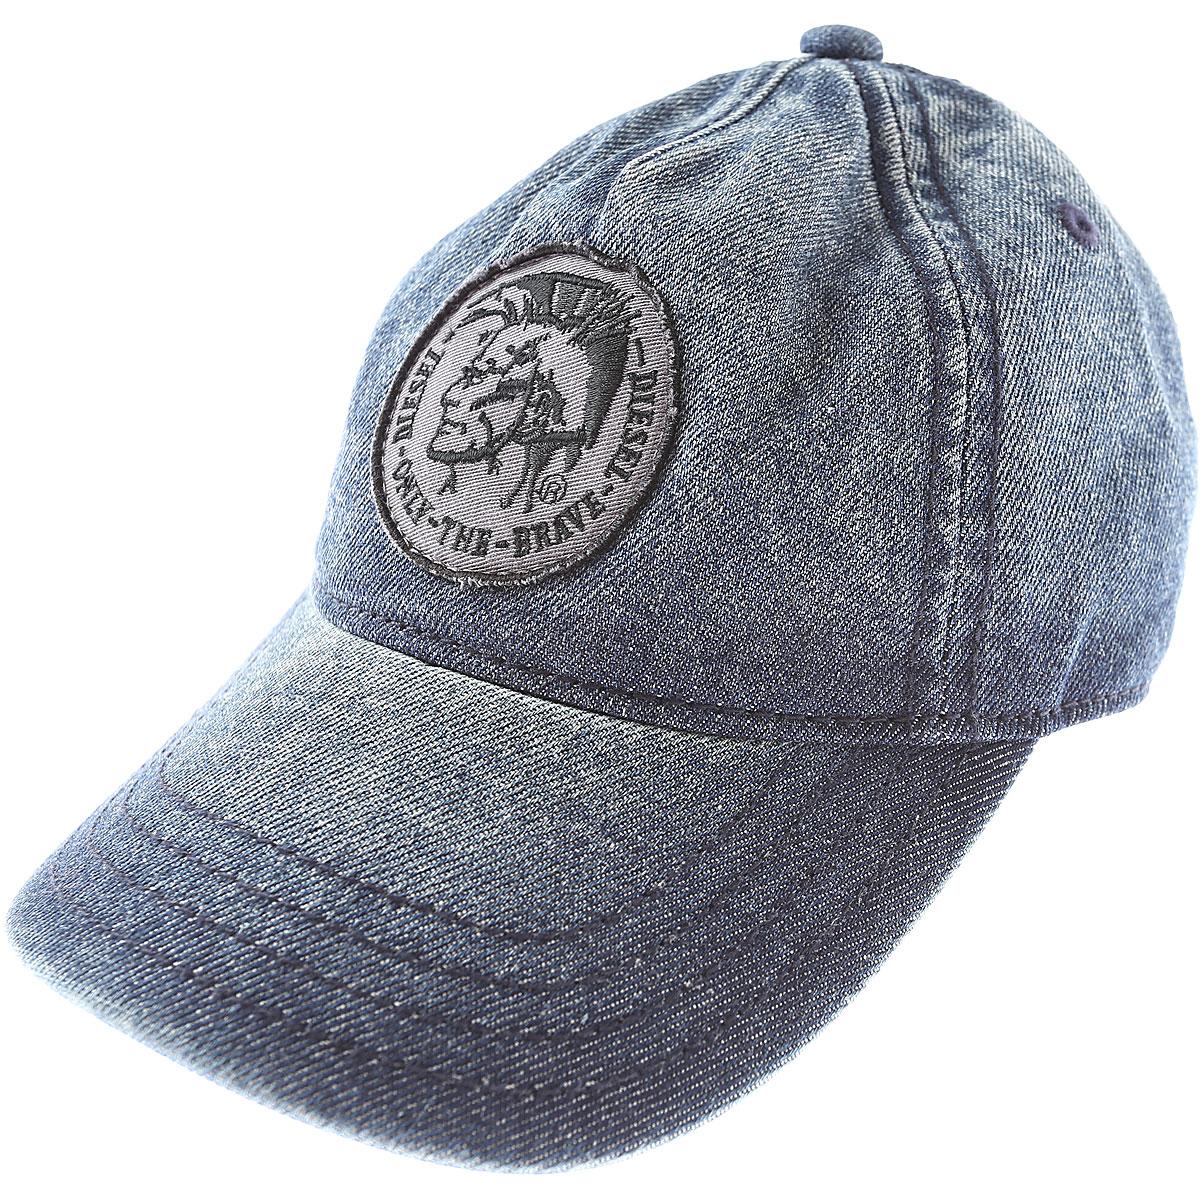 Image of Diesel Kids Hats for Boys On Sale, Blue Denim, Cotton, 2017, I II